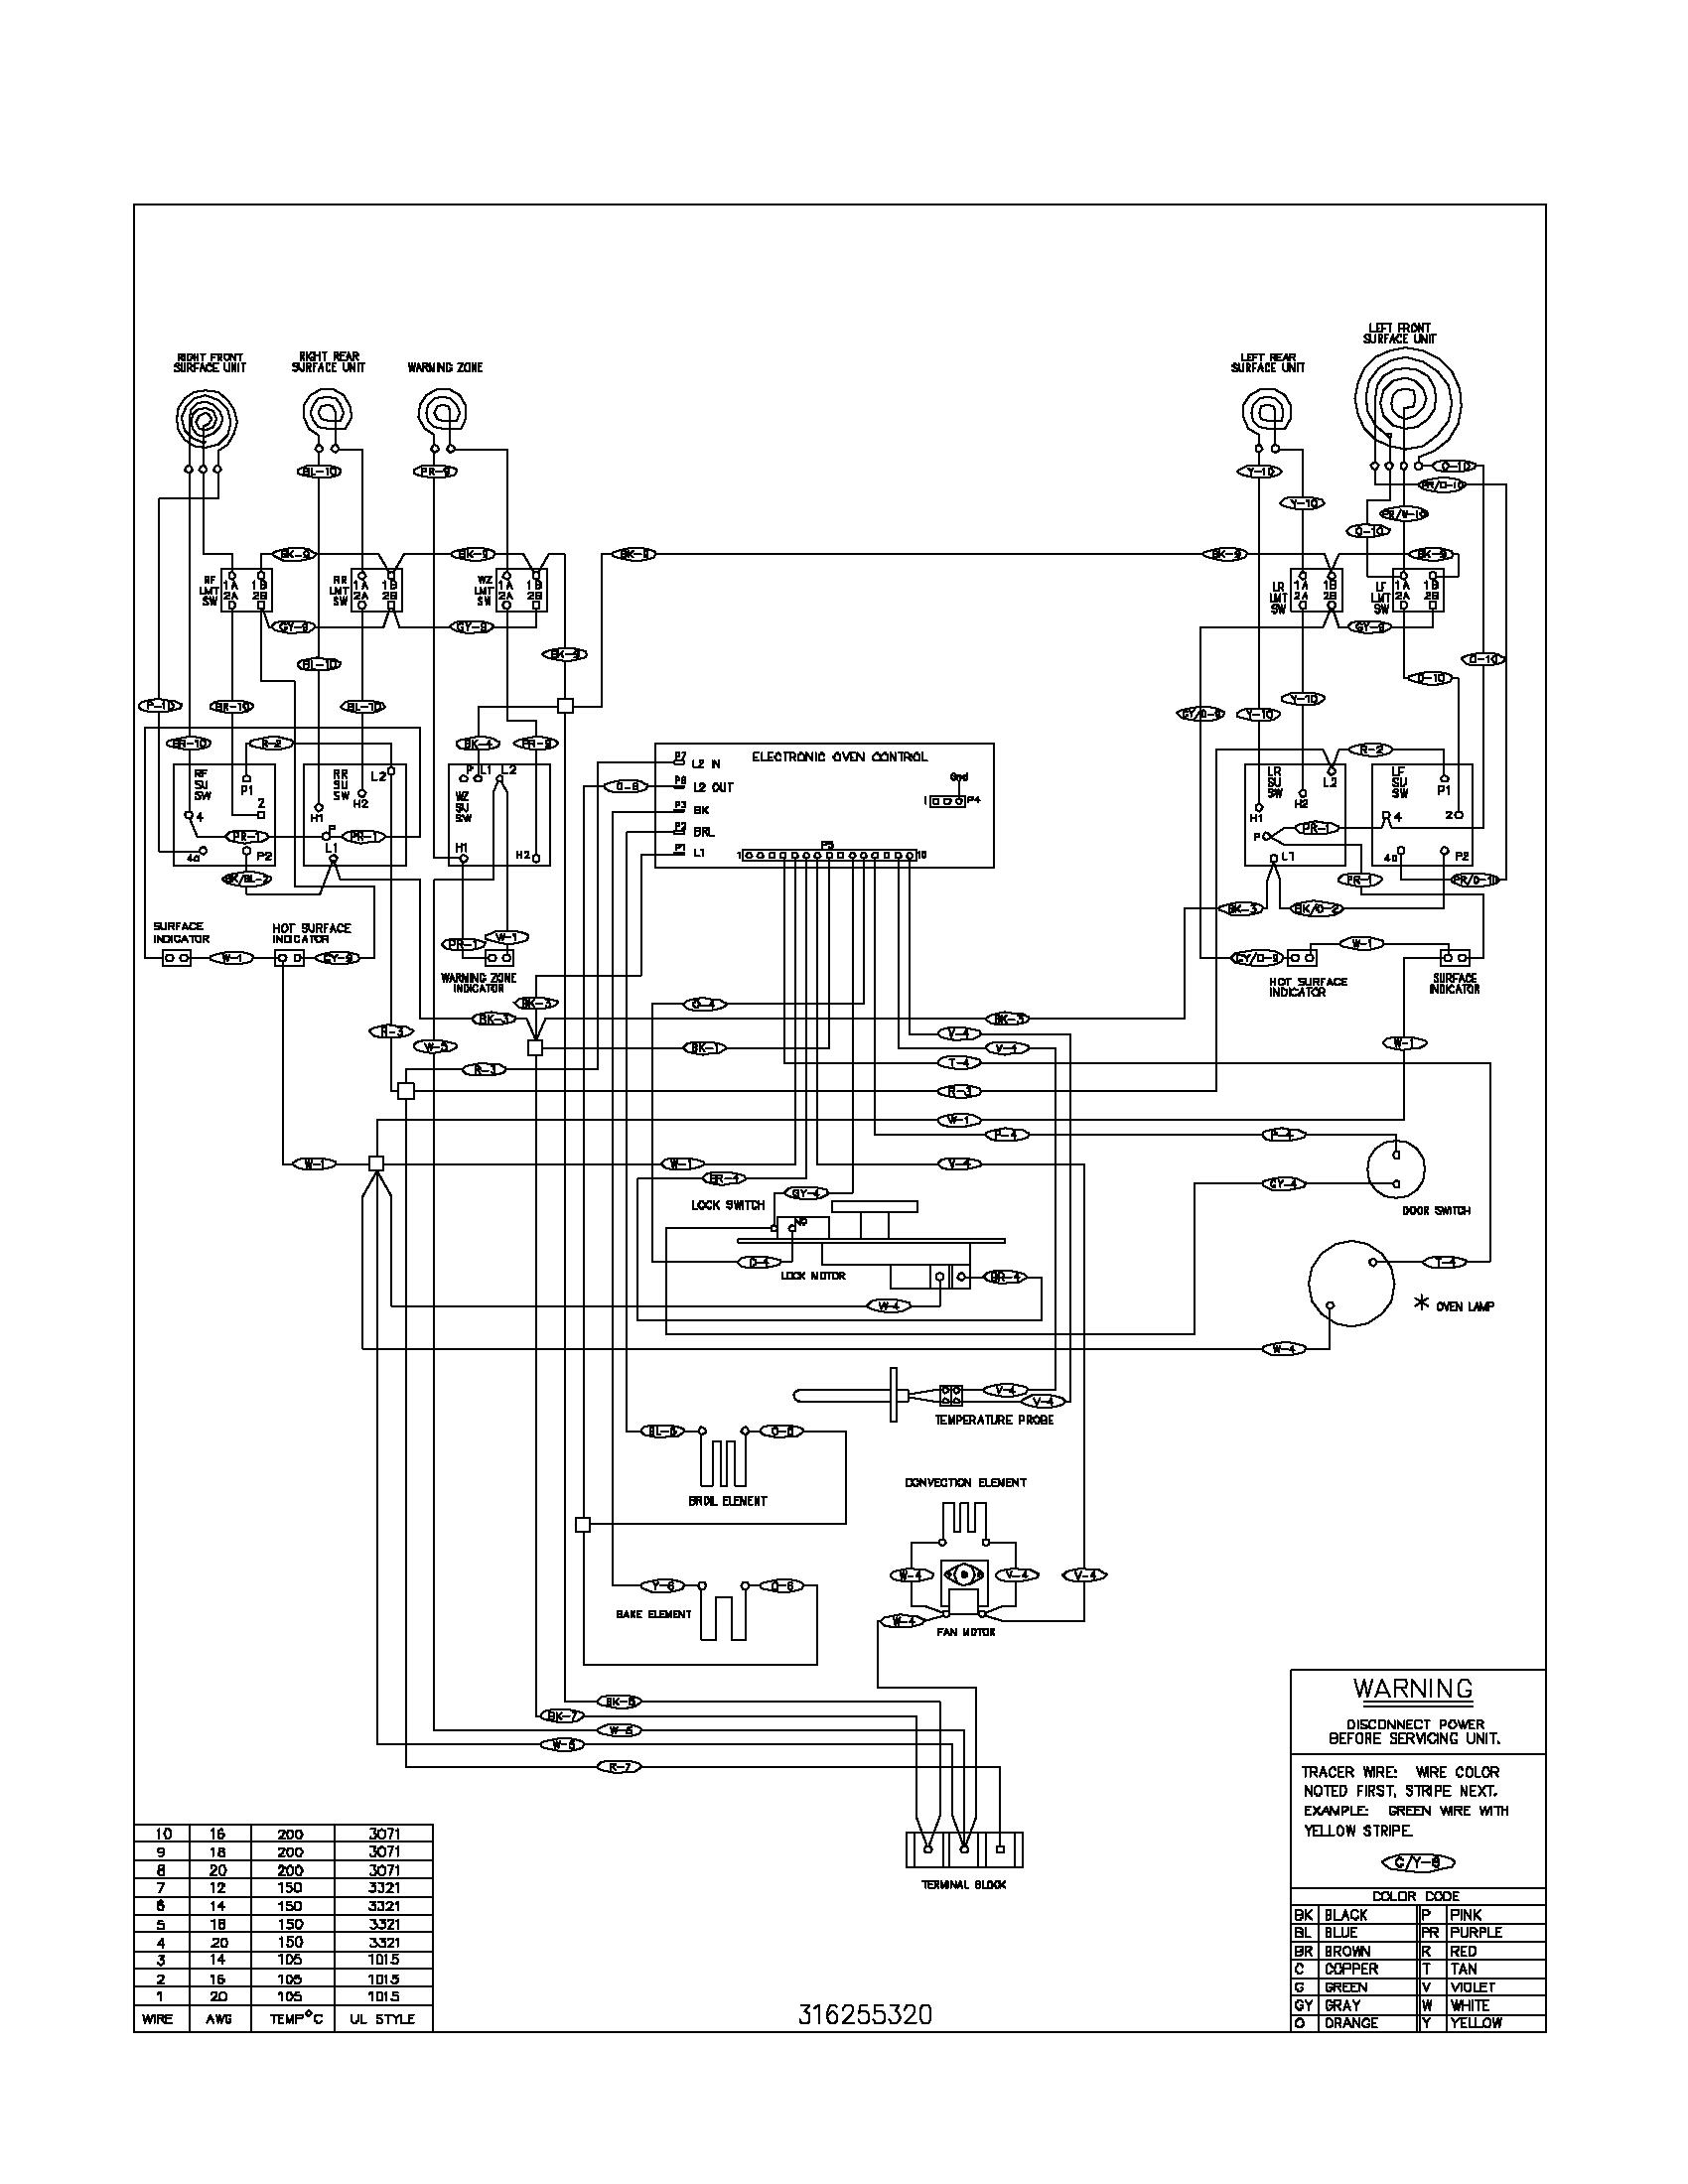 schematic auger wiring whirlpool 2198954 wiring diagram mix whirlpool schematic diagrams wiring diagrams valuewhirlpool refrigerator schematic